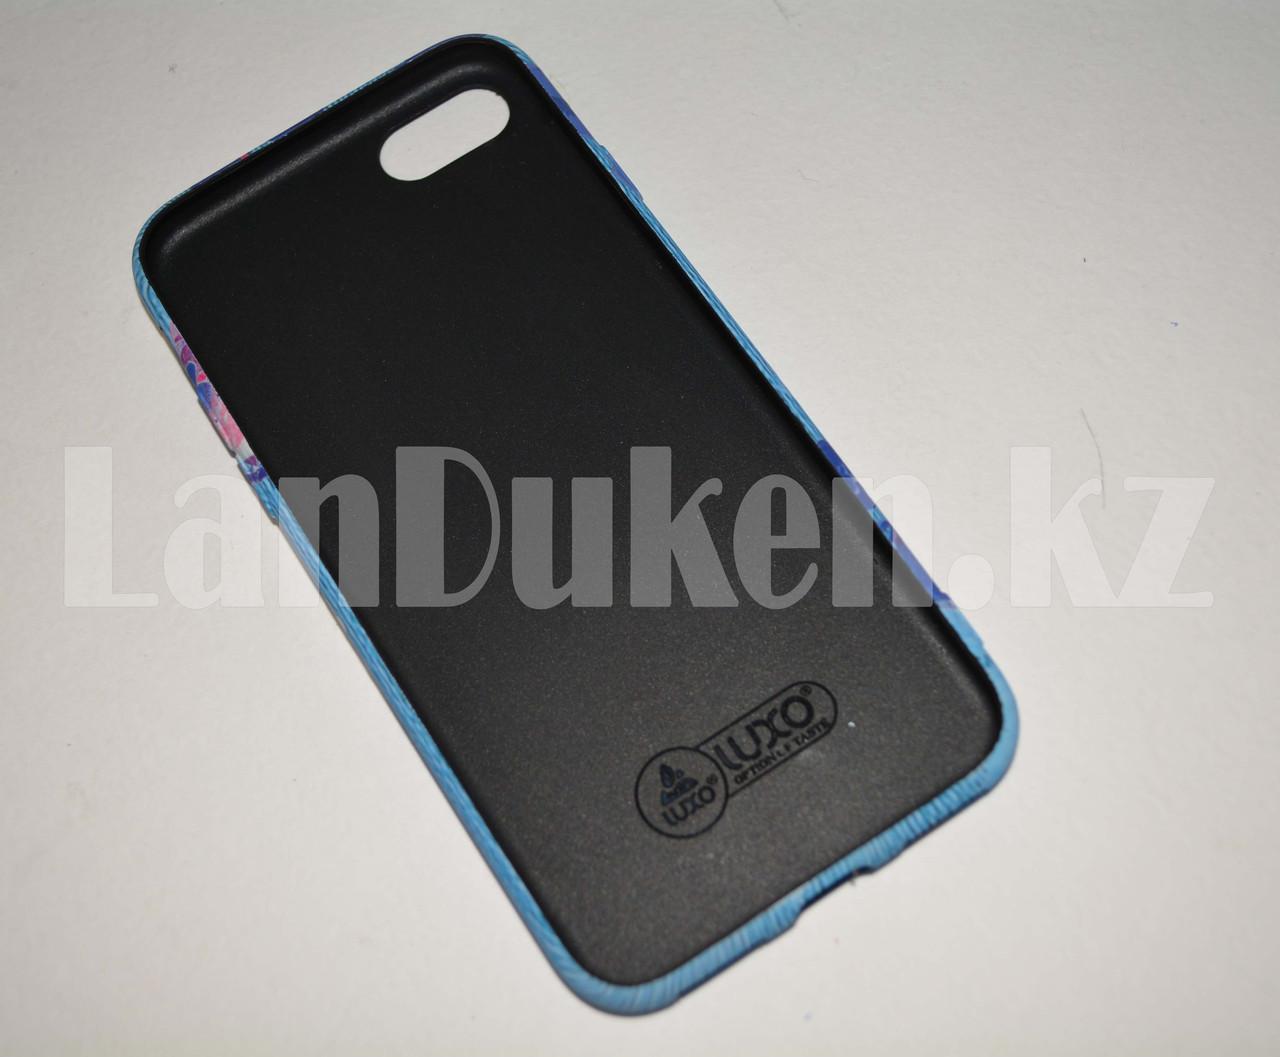 Чехол на Айфон 7 (iPhone 7) Luxo силиконовый матовый принт фламинго и пионы голубой - фото 3